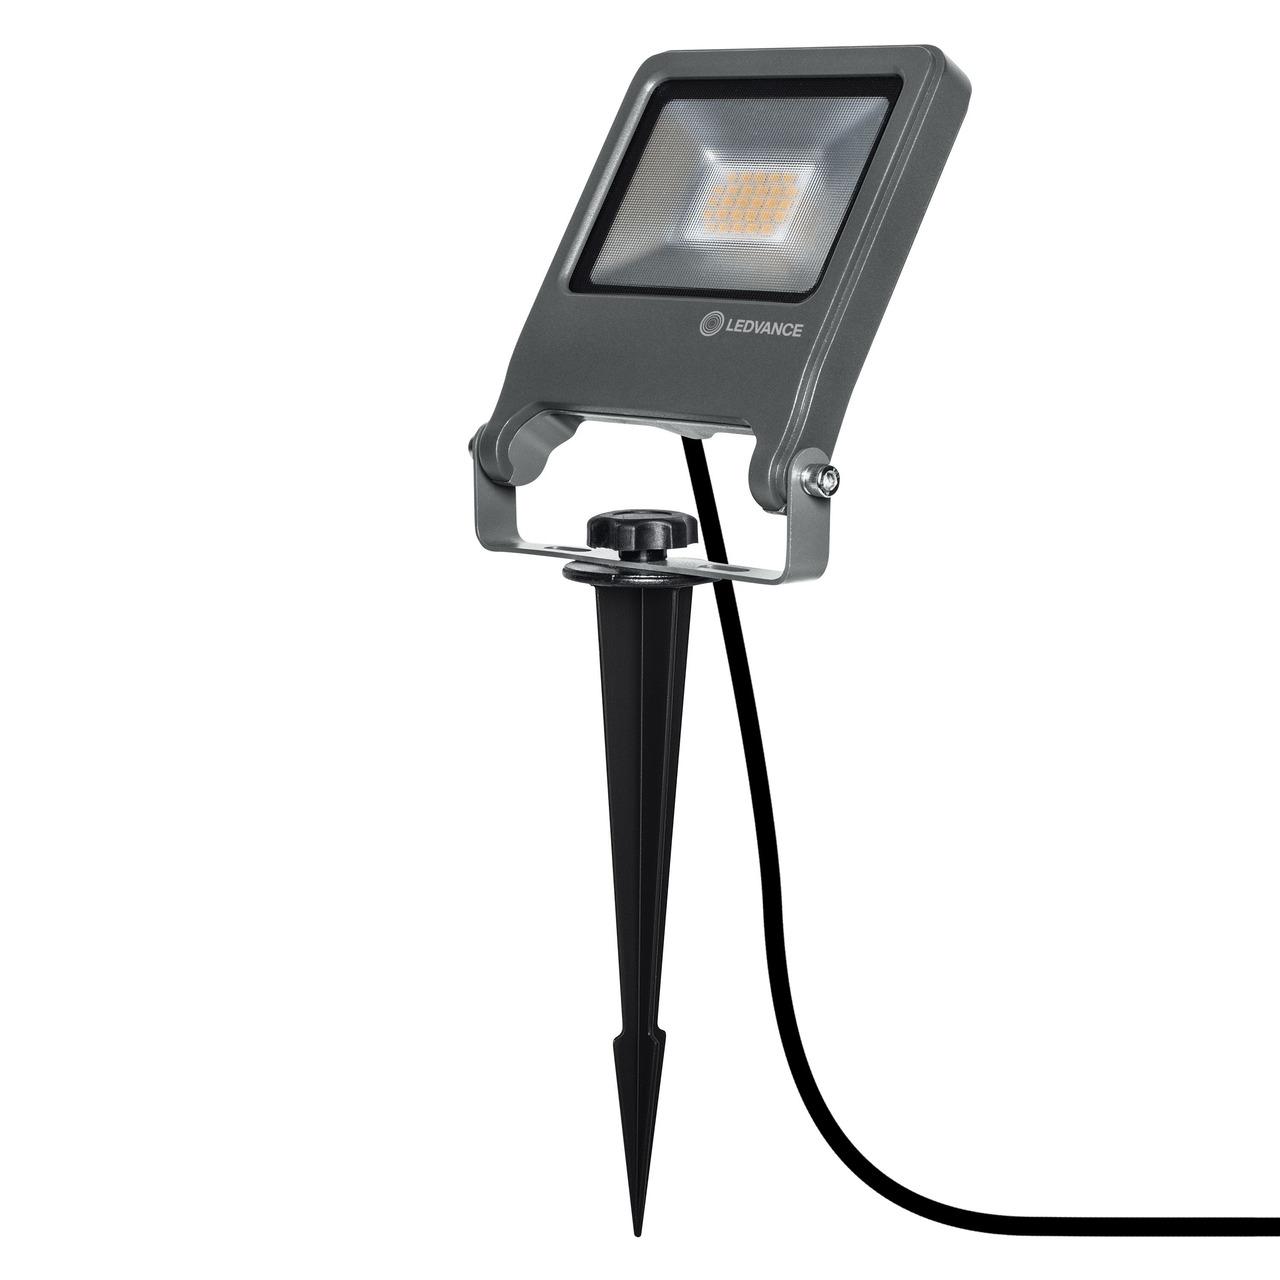 Ledvance 20-W-LED-Aussen-Fluterleuchte ENDURA GARDEN FLOOD- mit Erdspiess- Plug-und-Play- IP65